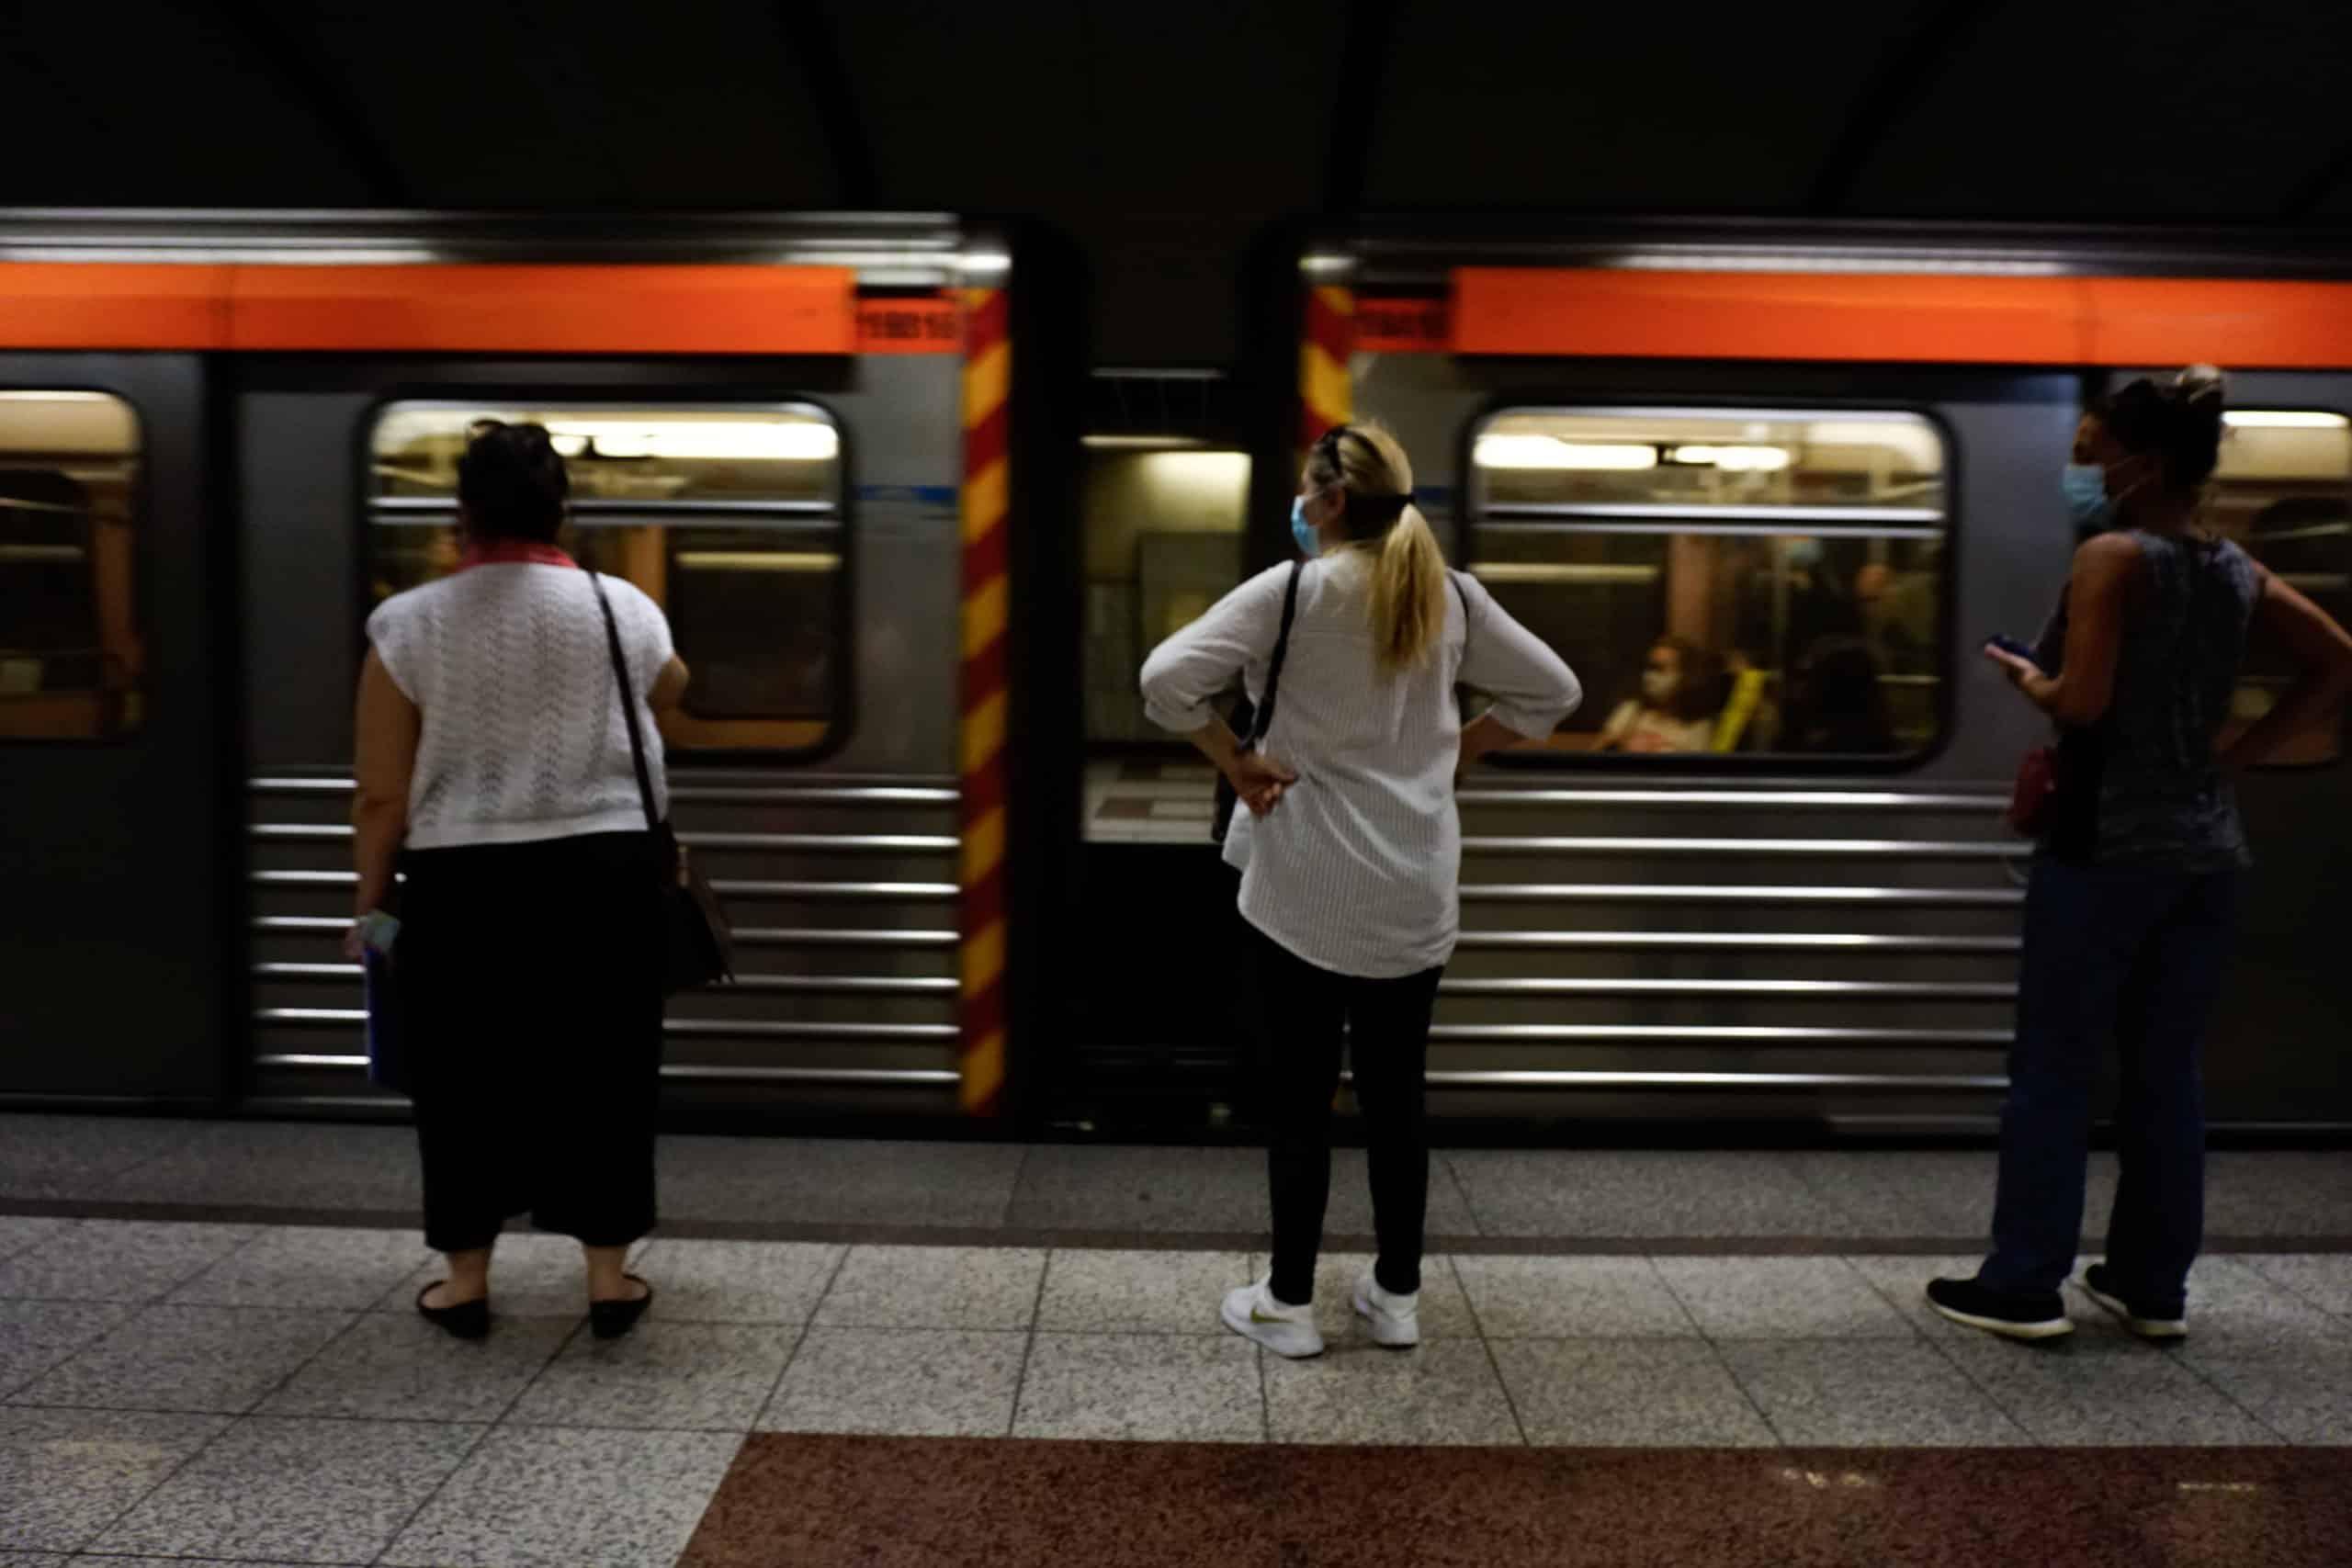 Μετρό Νίκαια - Κορυδαλλός από 7 Ιουλίου στη μπλε γραμμή 3